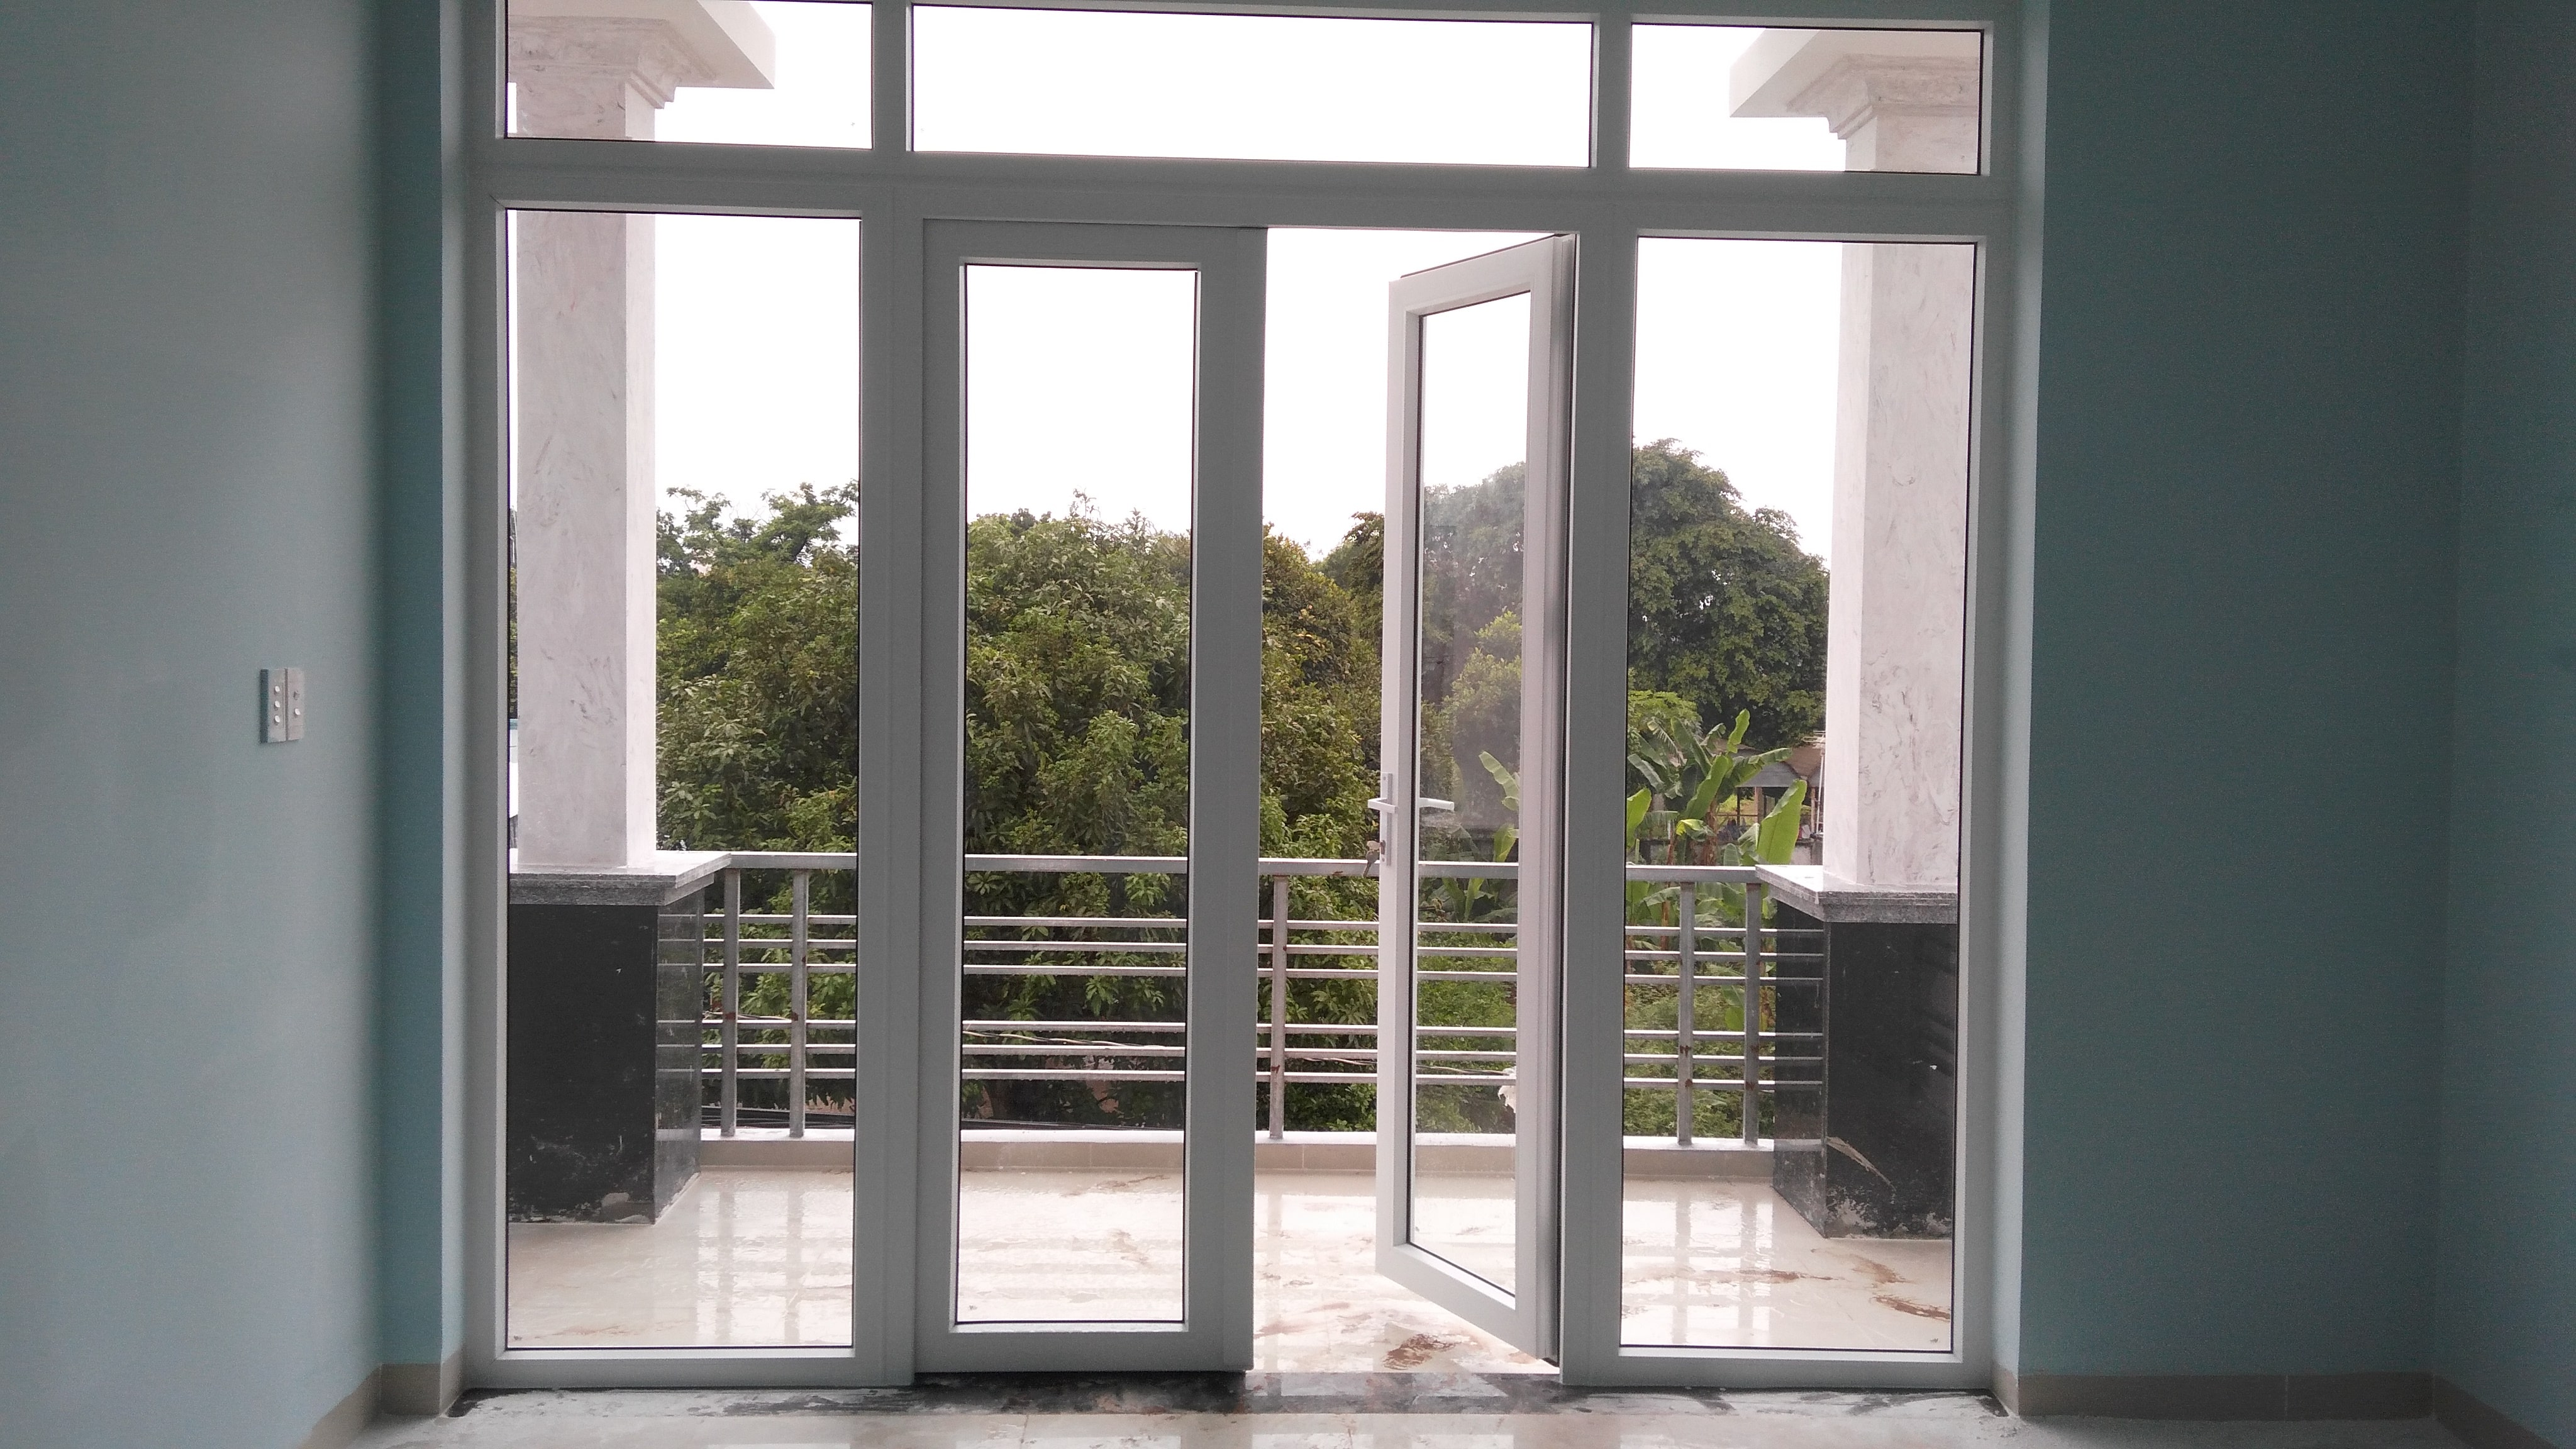 Mẫu cửa được sử dụng trong thiết kế biệt thự hiện đại 1